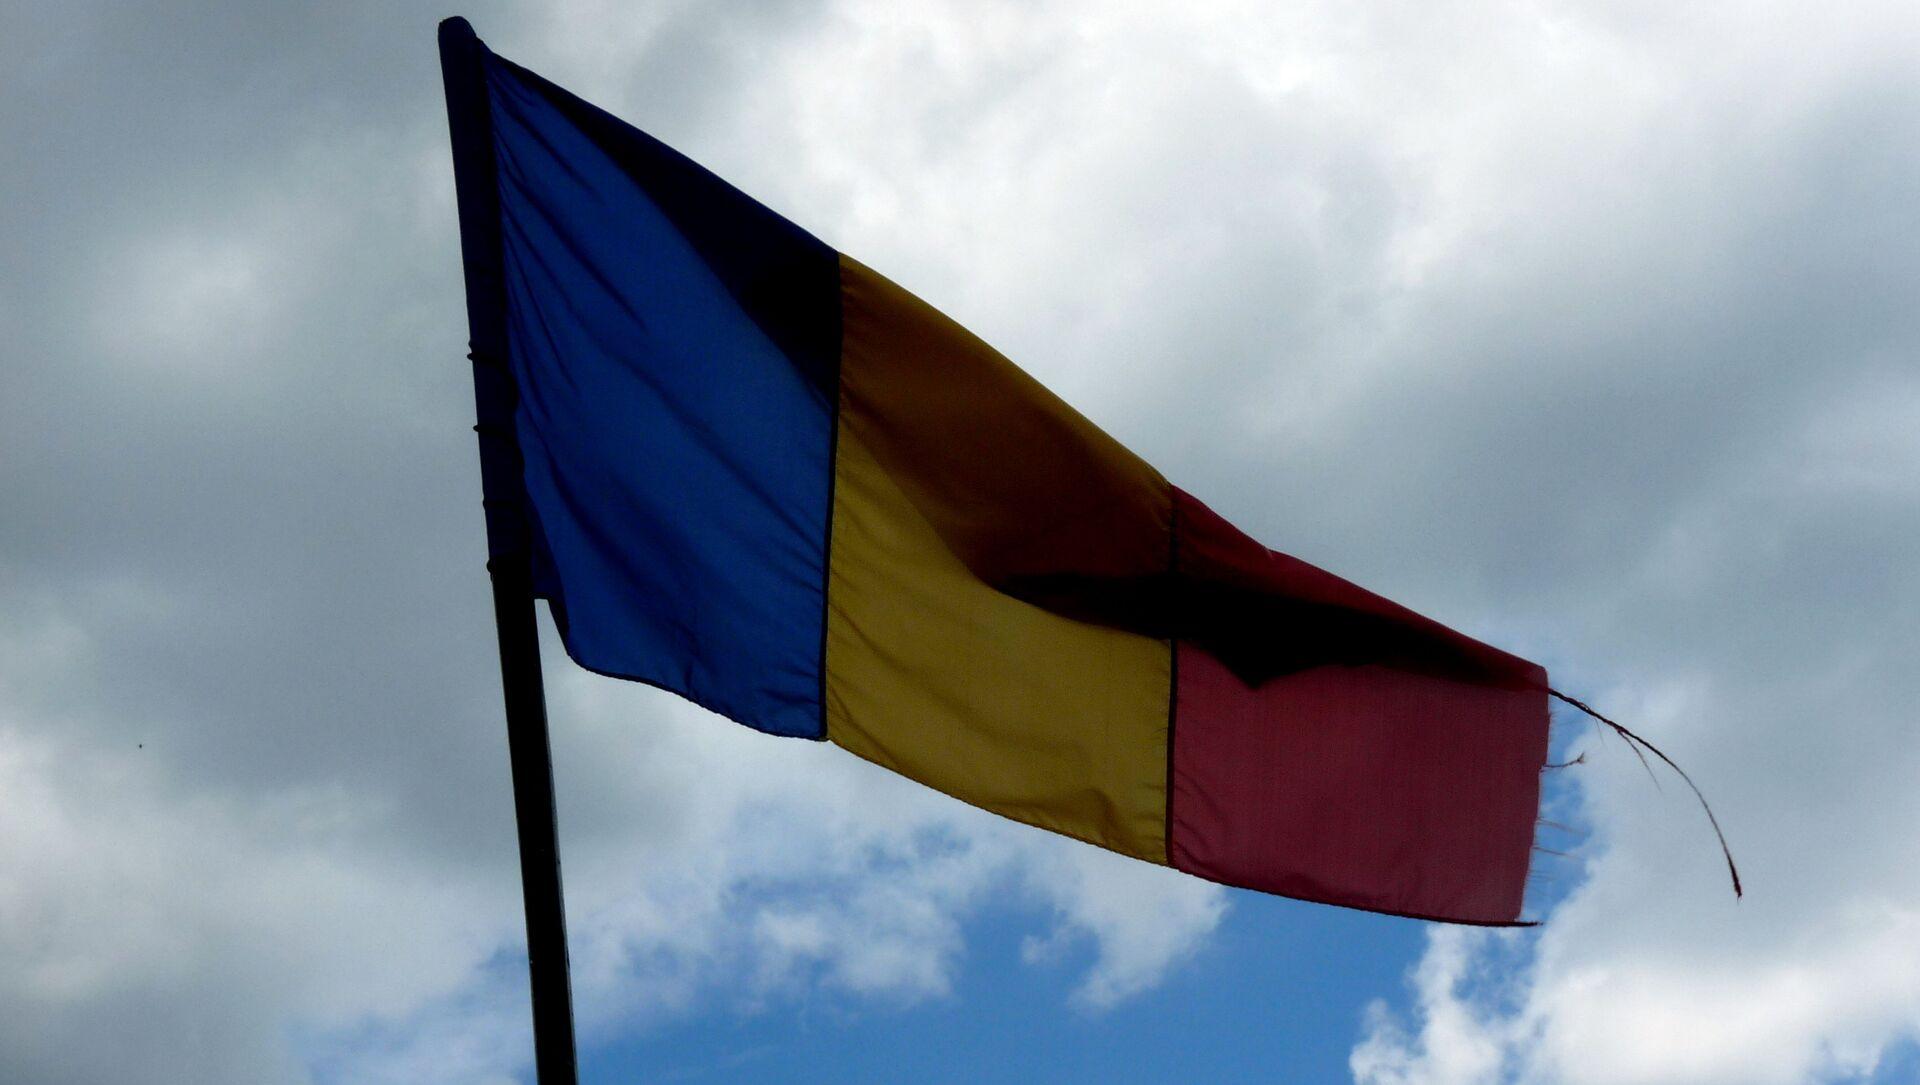 Flaga Rumunii - Sputnik Polska, 1920, 26.04.2021